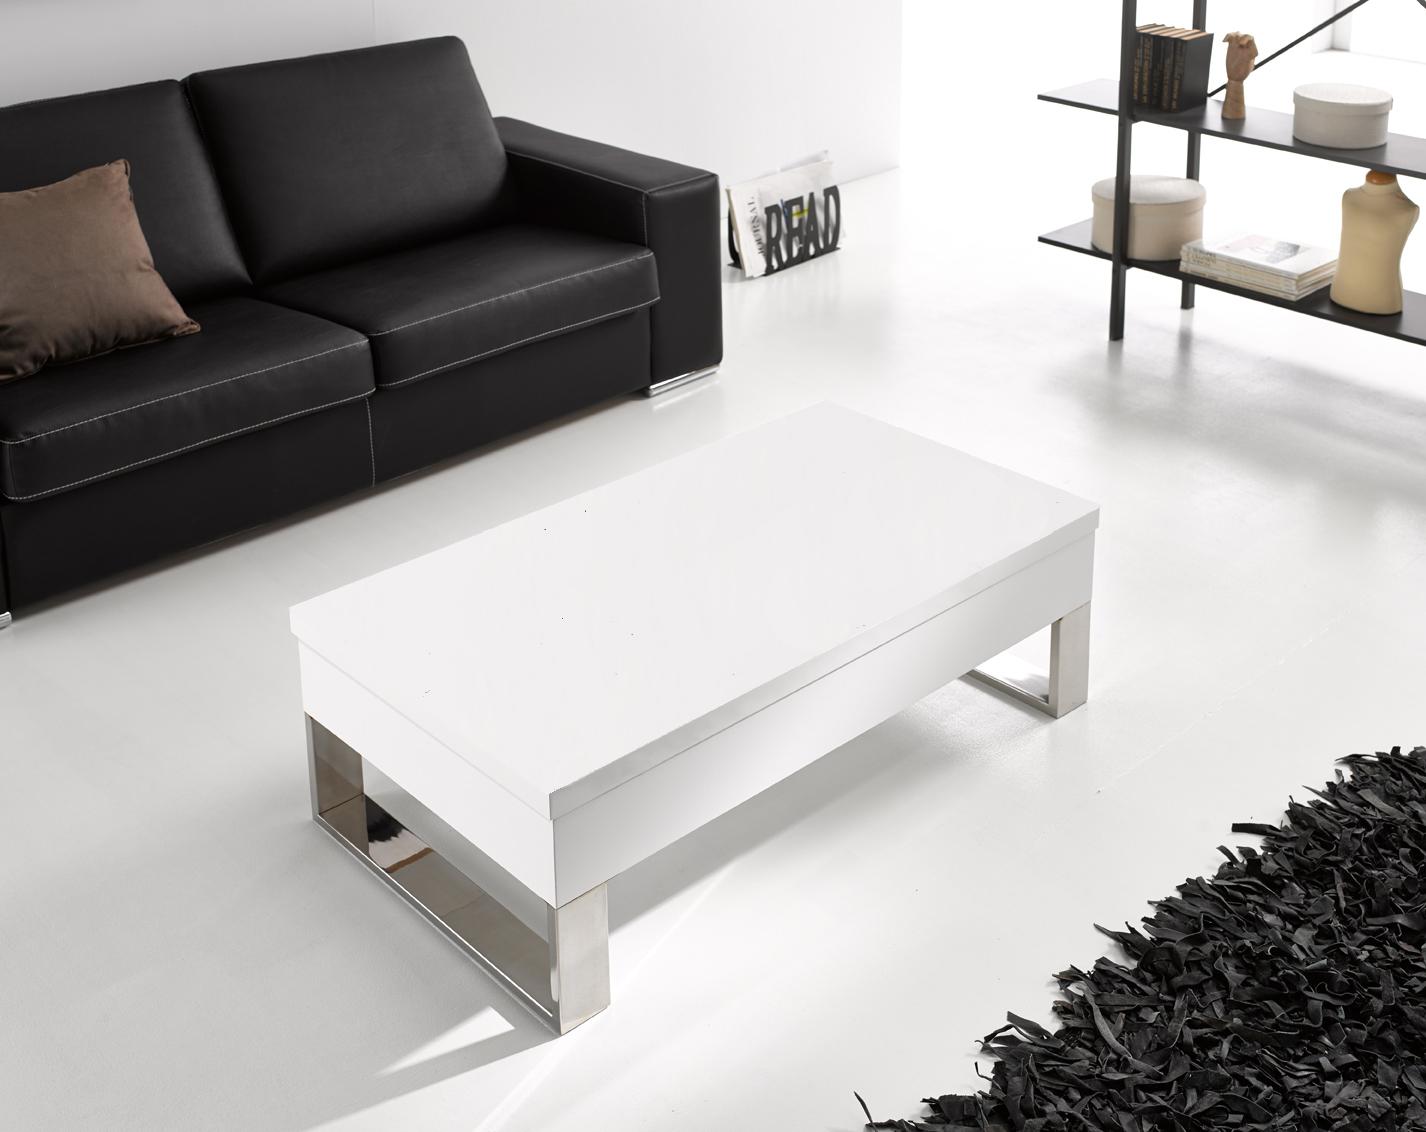 Comprar mesas de centro blancas - Merkamueble mesas de centro ...